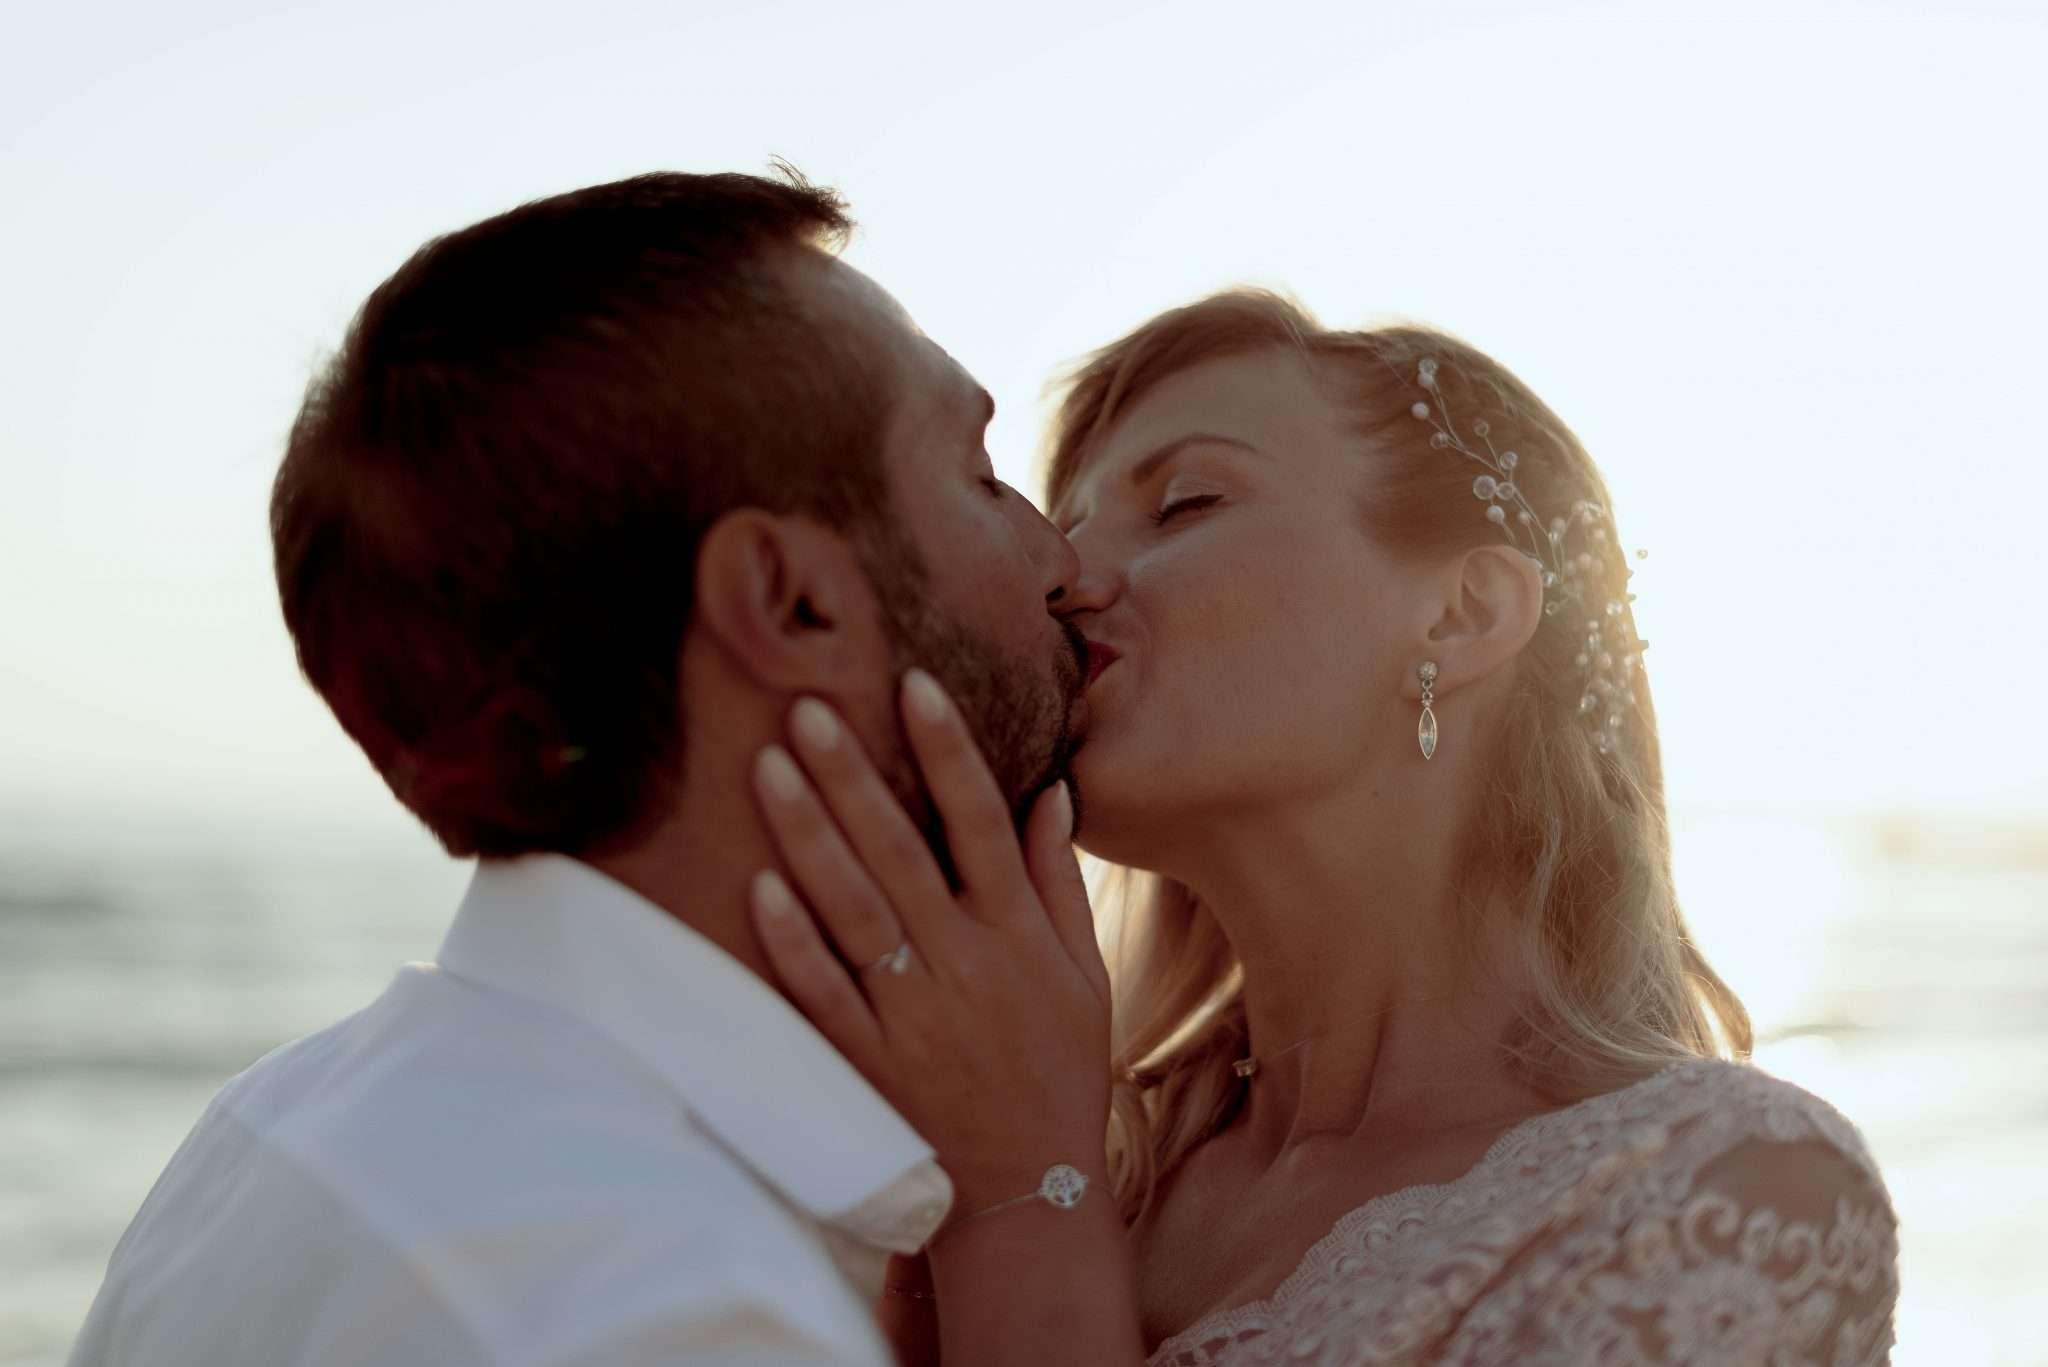 Fotografia di reportage wedding a Napoli realizzata da Barbara Trincone fotografa professionista di Pozzuoli